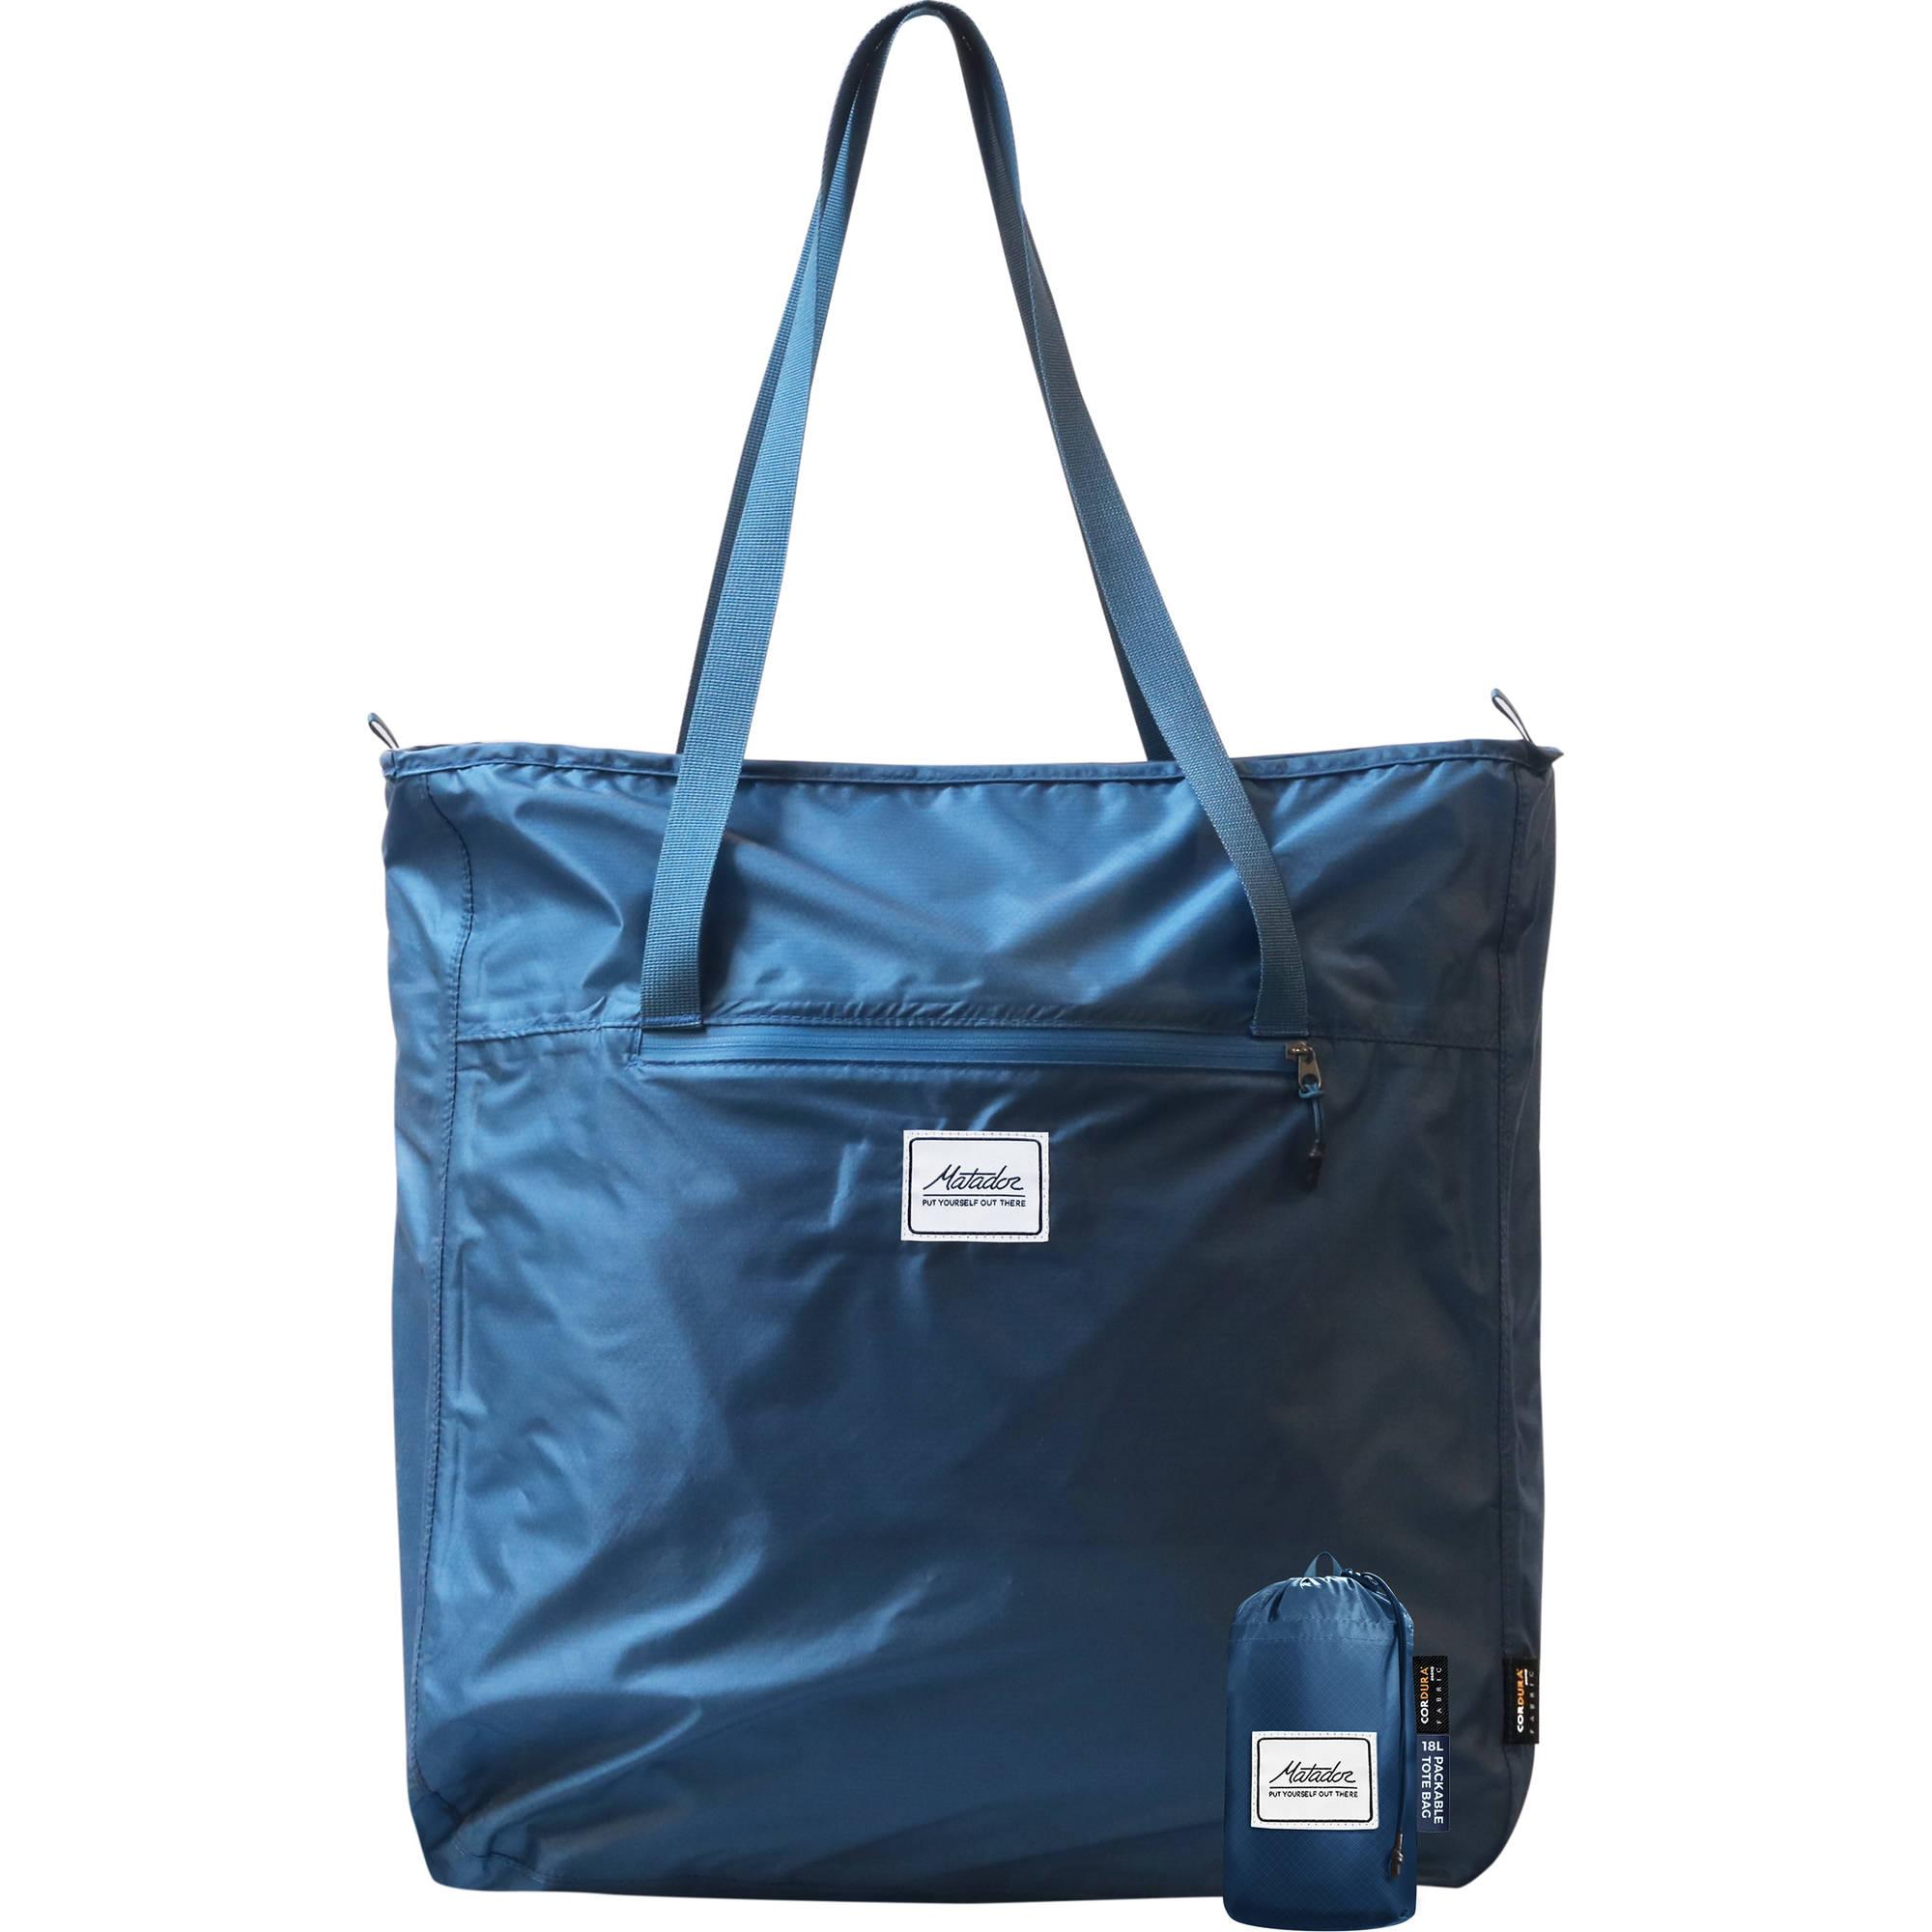 8db413526bf Matador Transit Tote Bag (Gray)